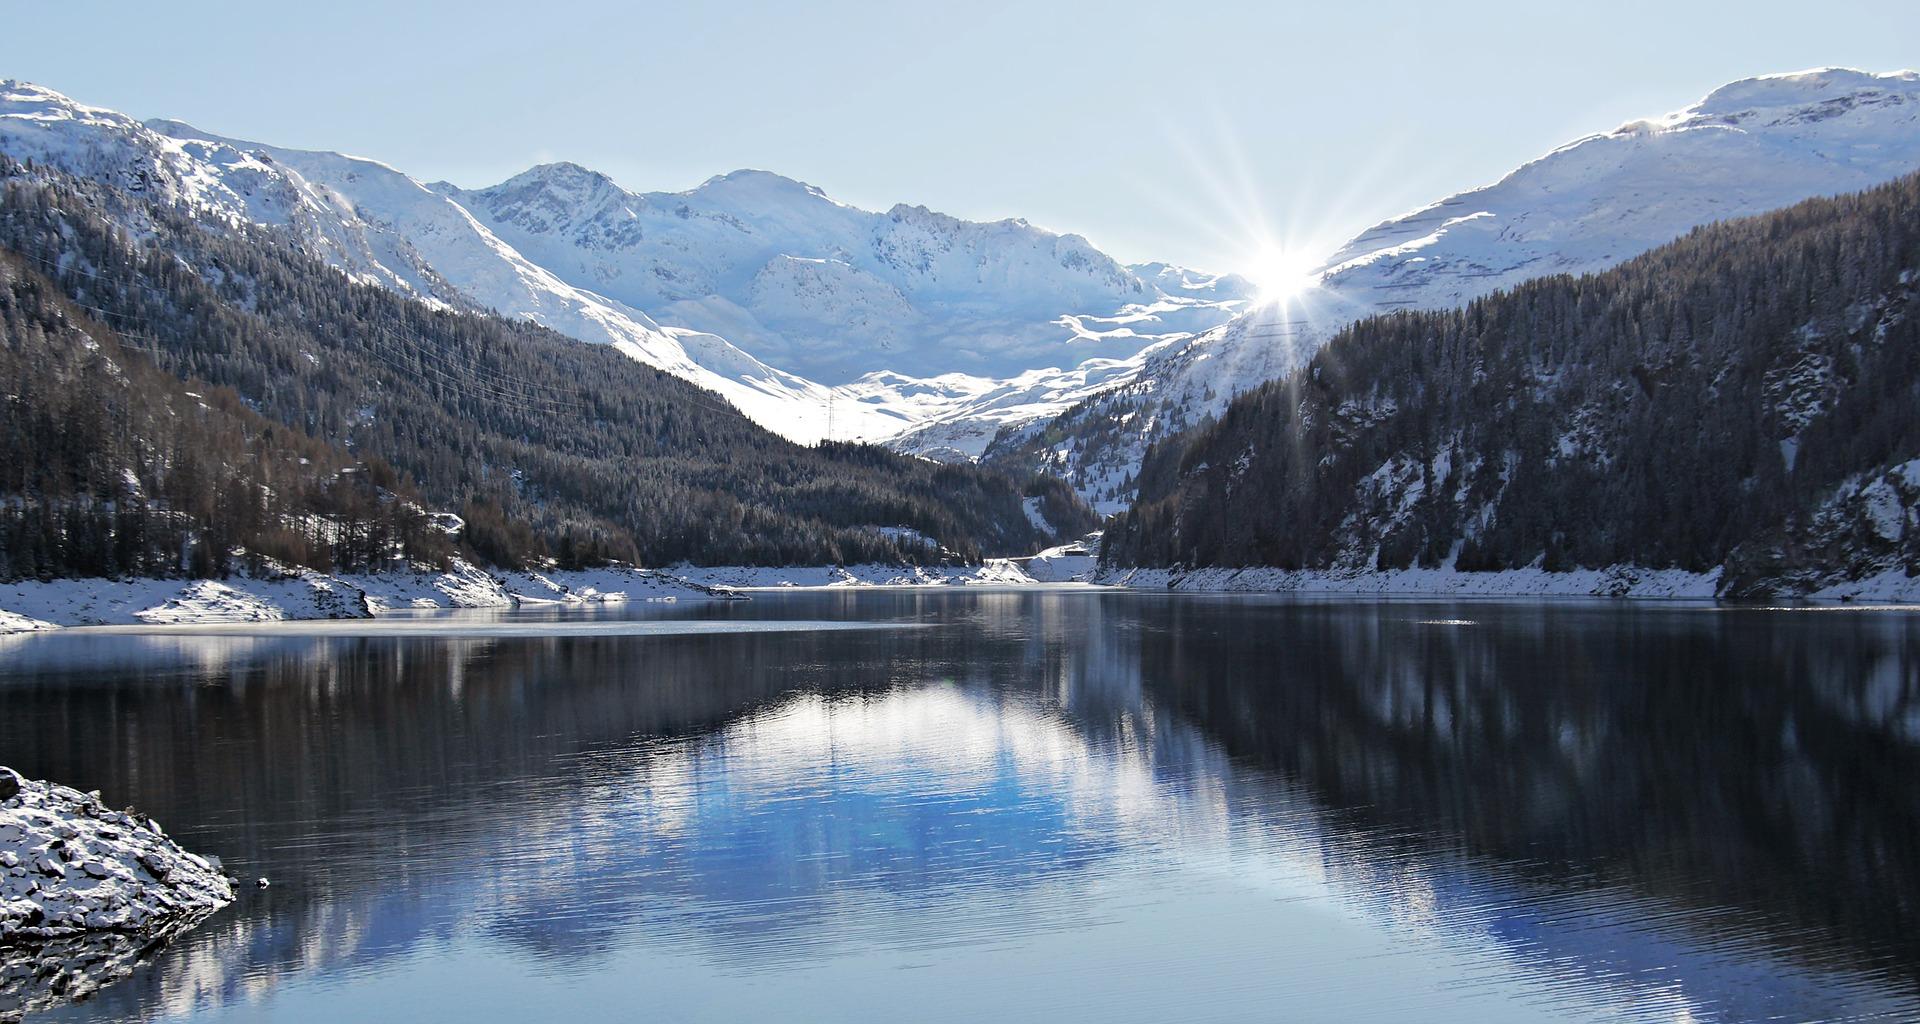 Fotografía de paisajes invernales. La hora azul